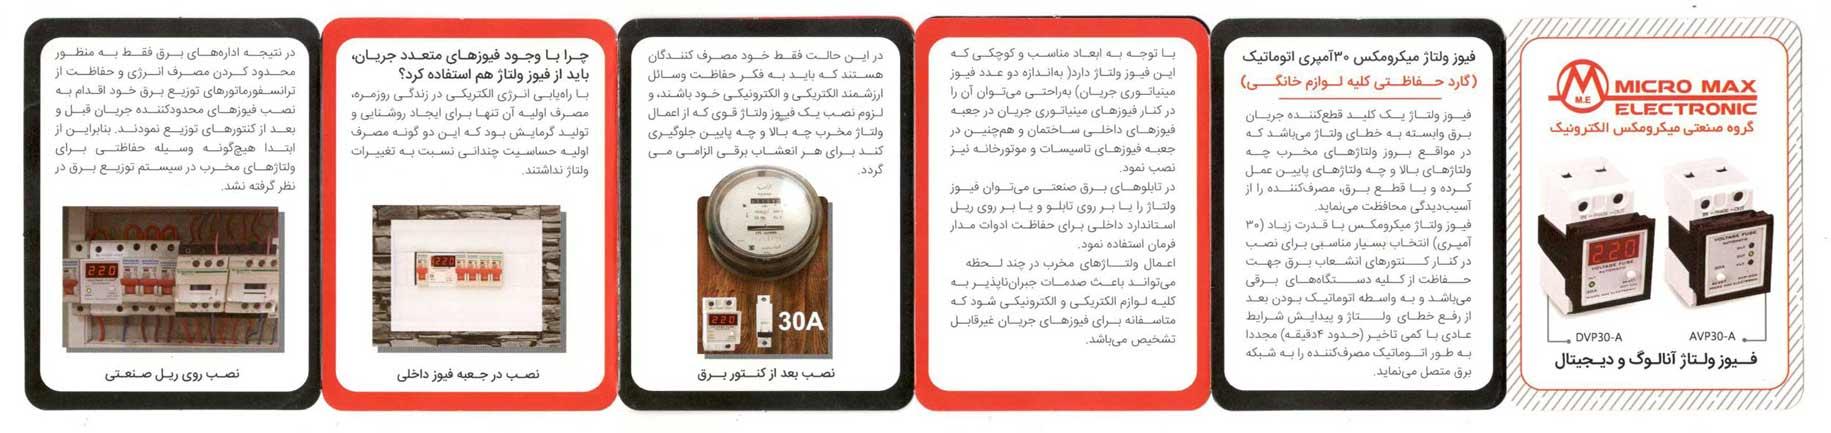 کاتالوگ محافظ فیوز میکرومکس الکترونیک